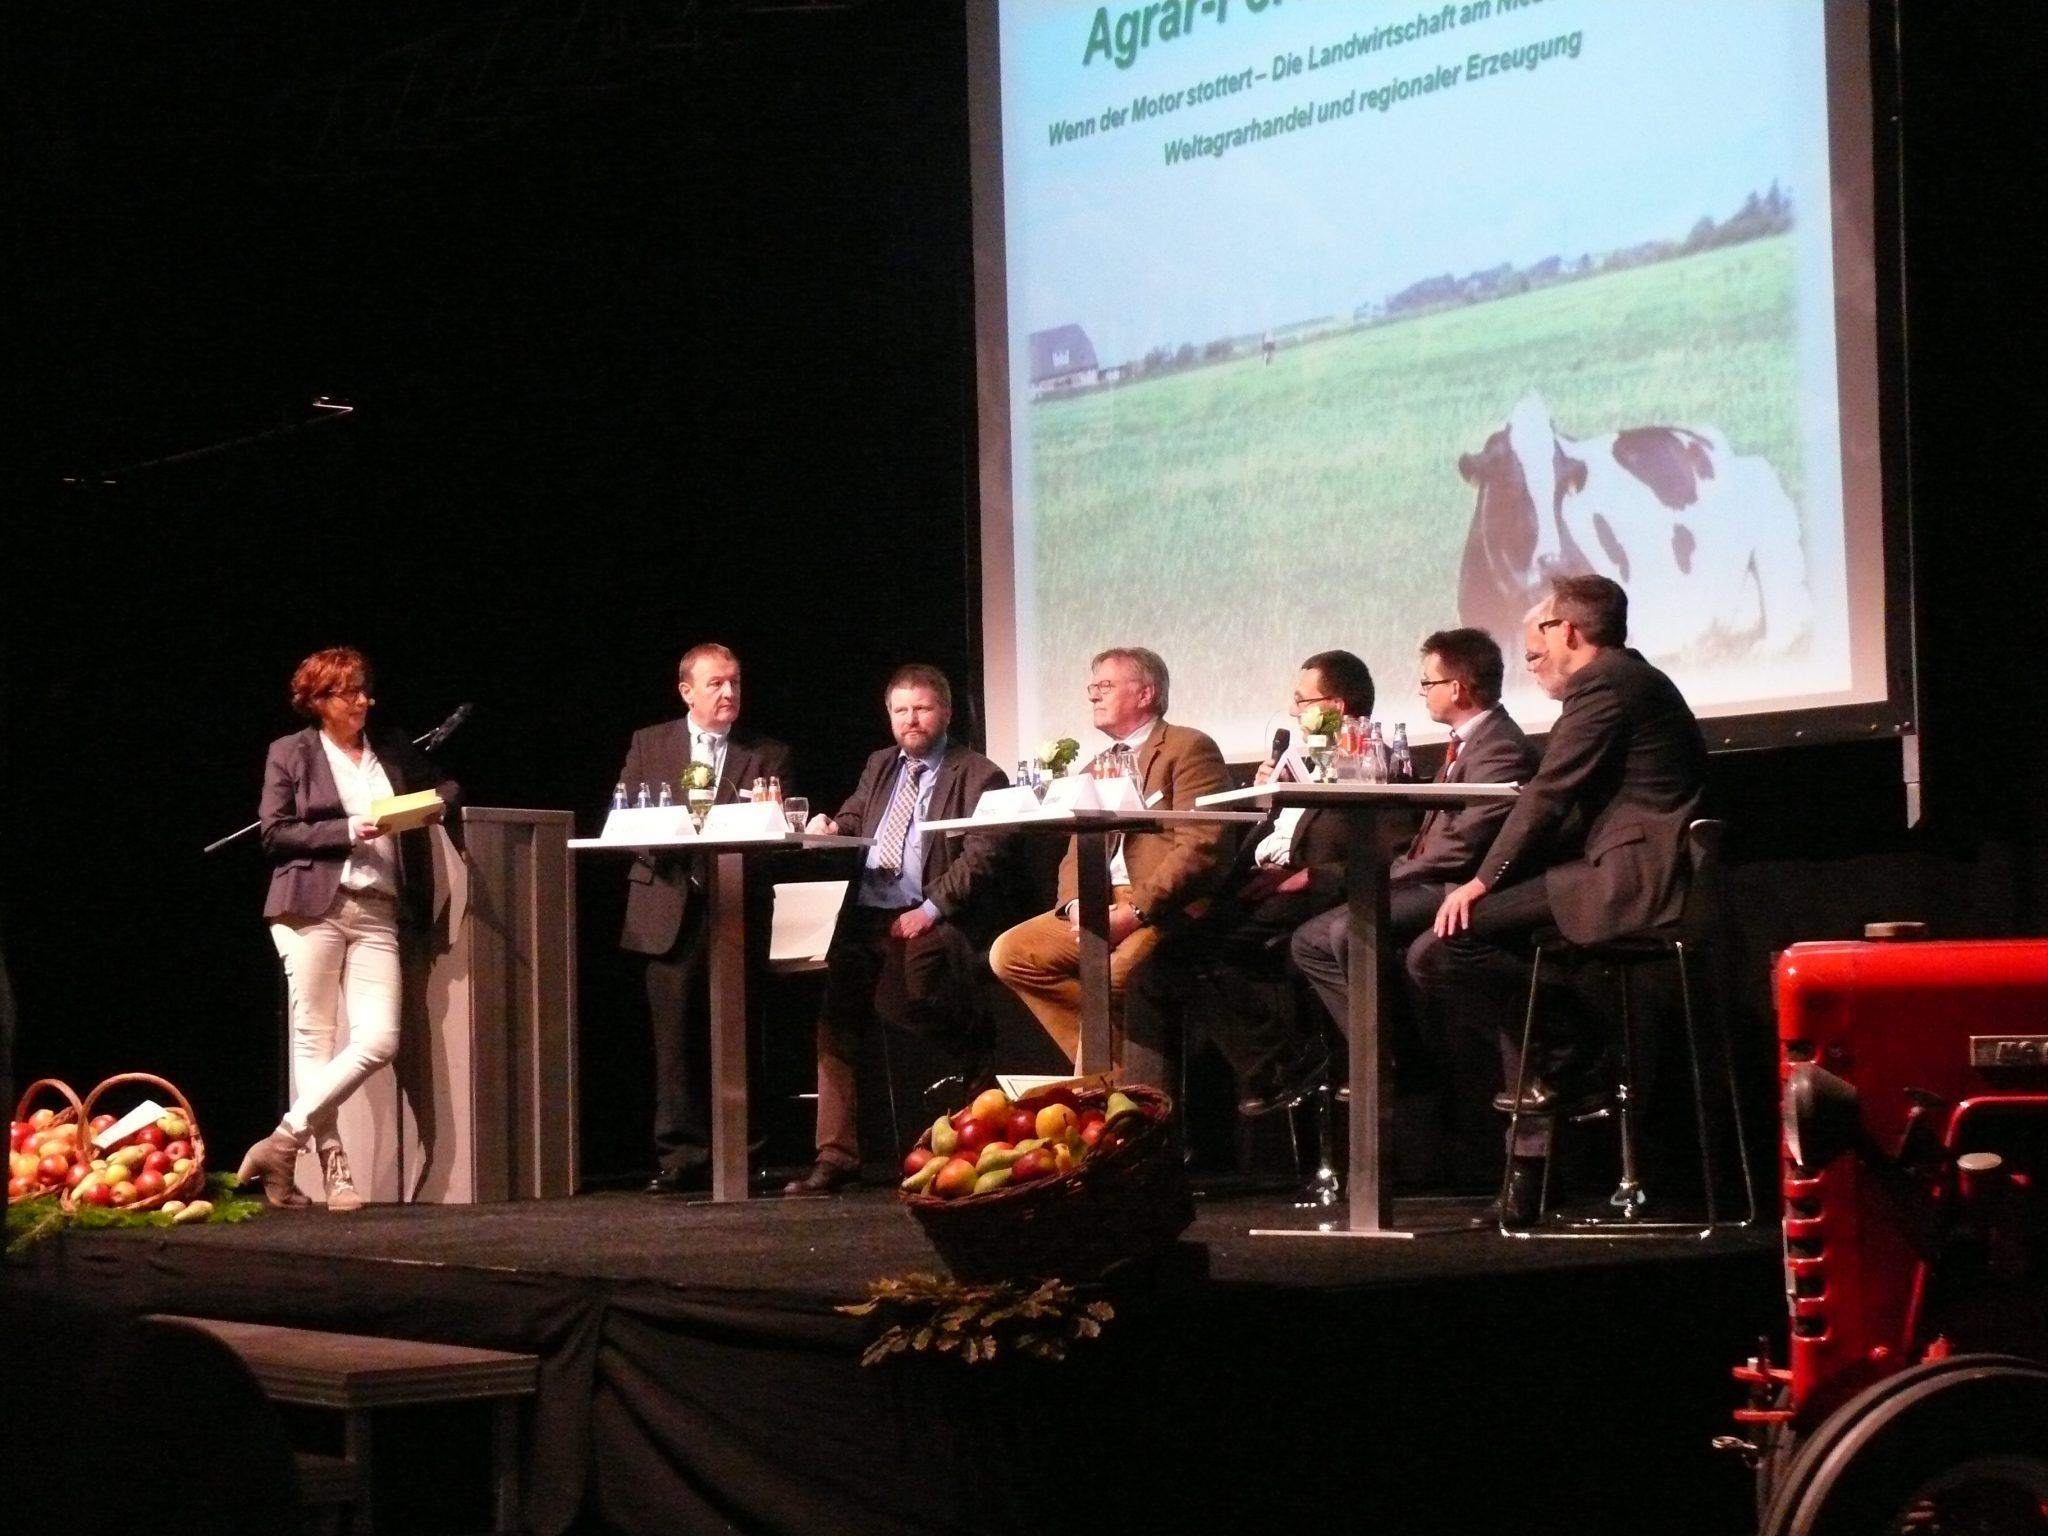 Agrar-forum